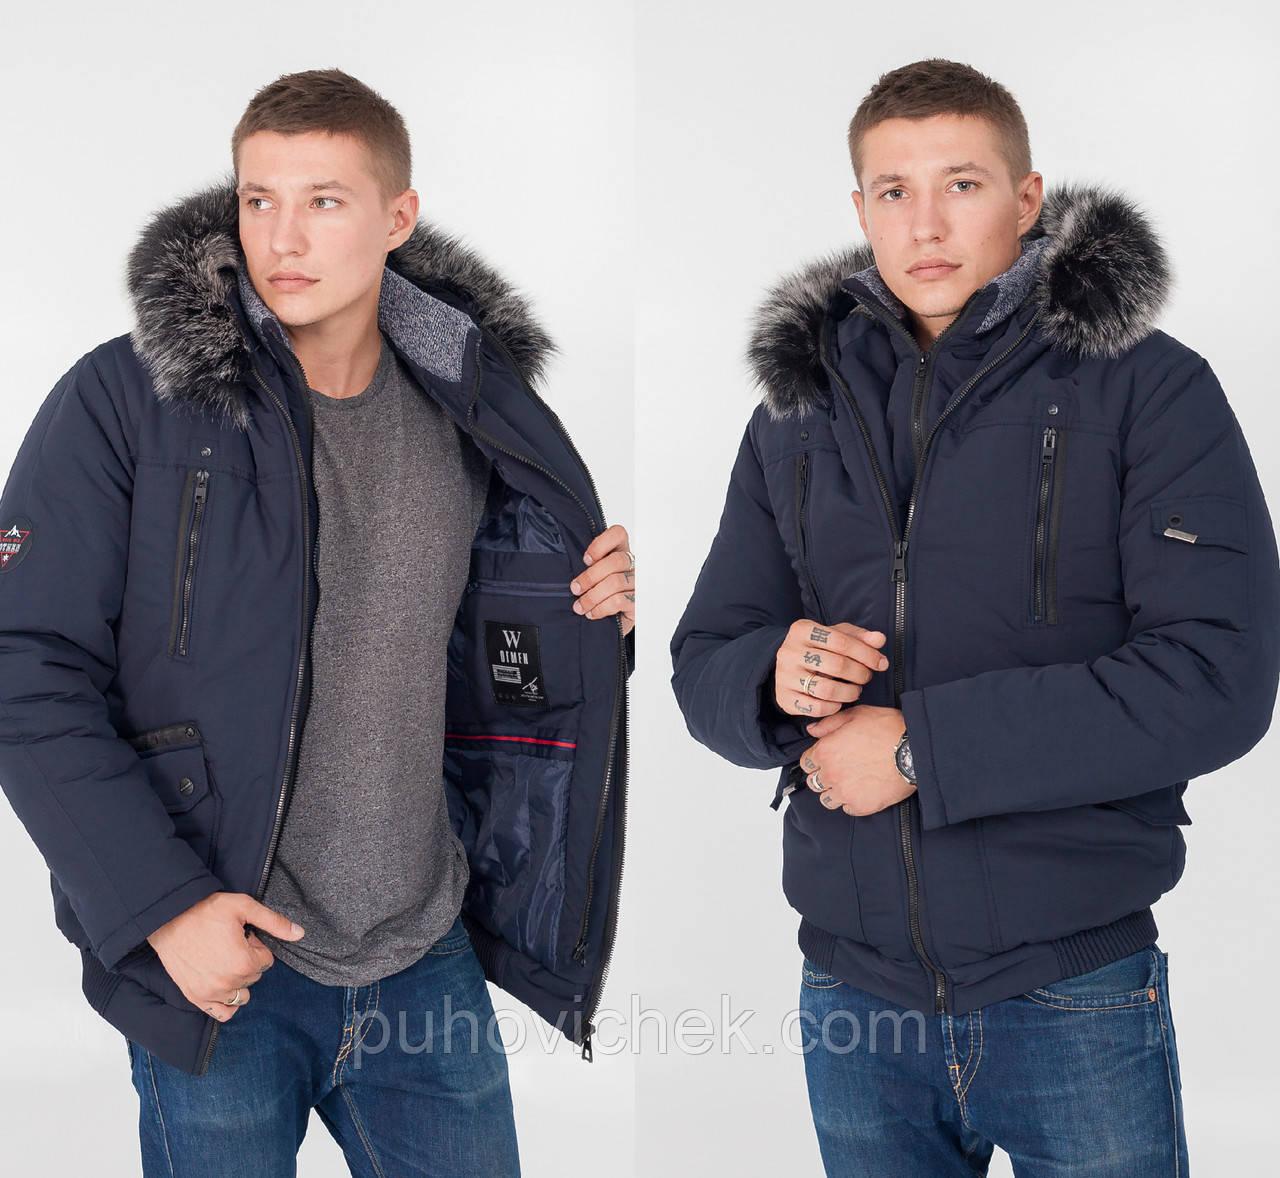 Мужская куртка зимняя укороченная интернет магазин